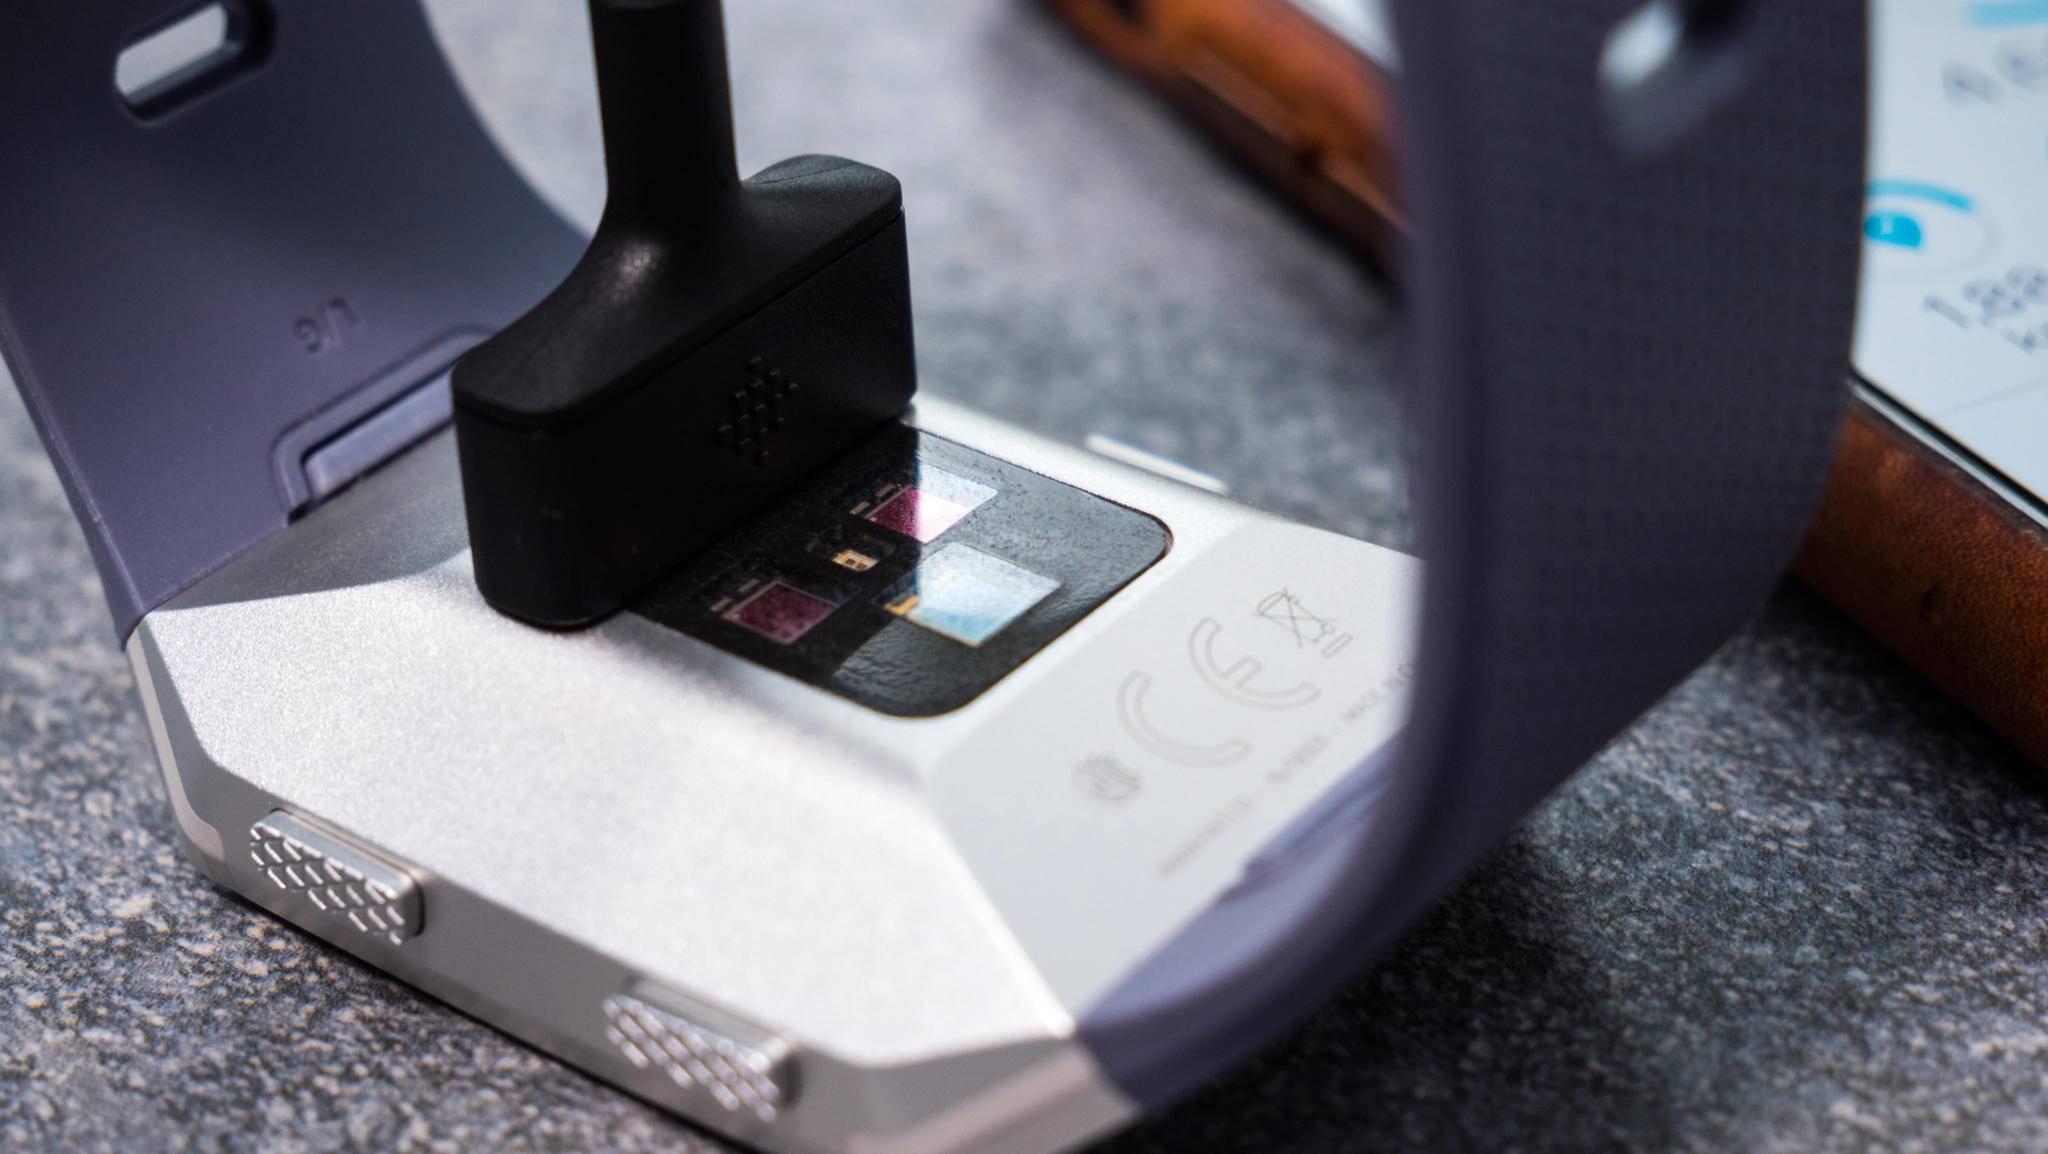 Mithilfe eines kleinen Magneten wird das Ladekabel an der Rückseite der Fitbit Ionic befestigt.